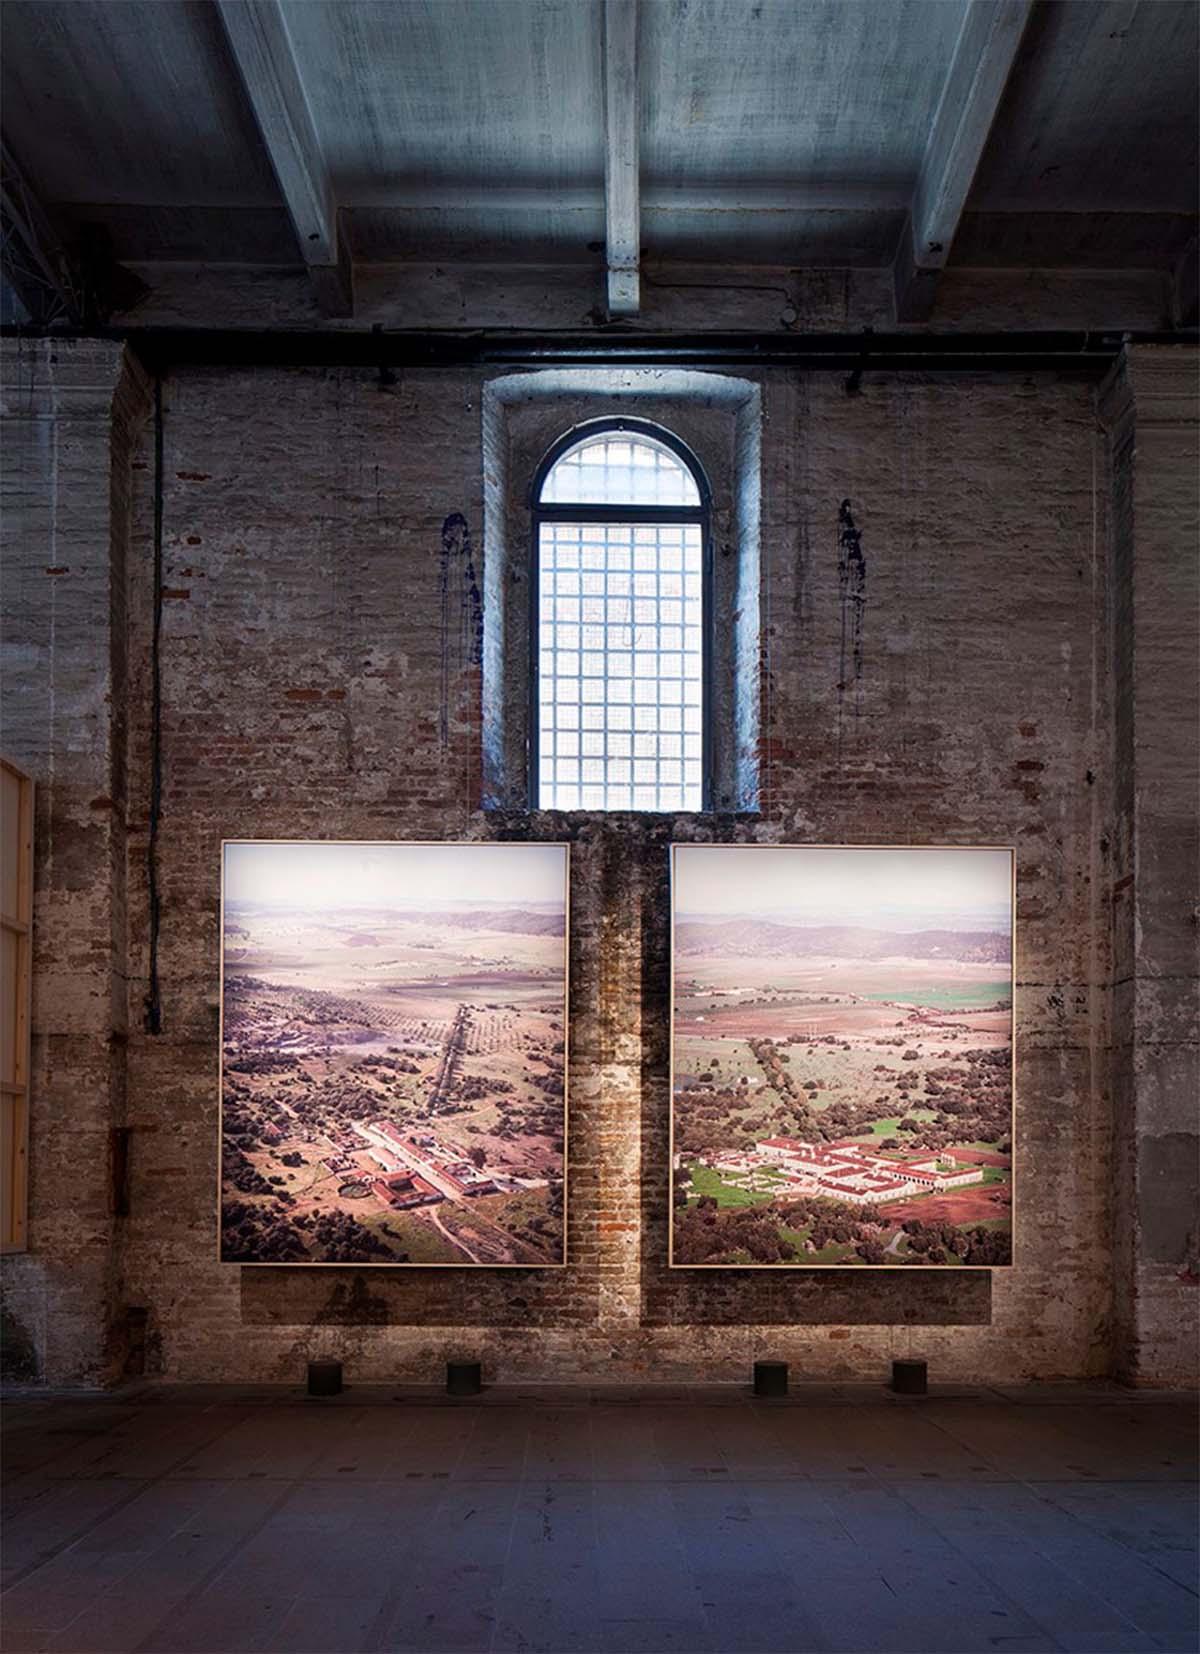 Soto de Moura - XVI Biennale Venezia